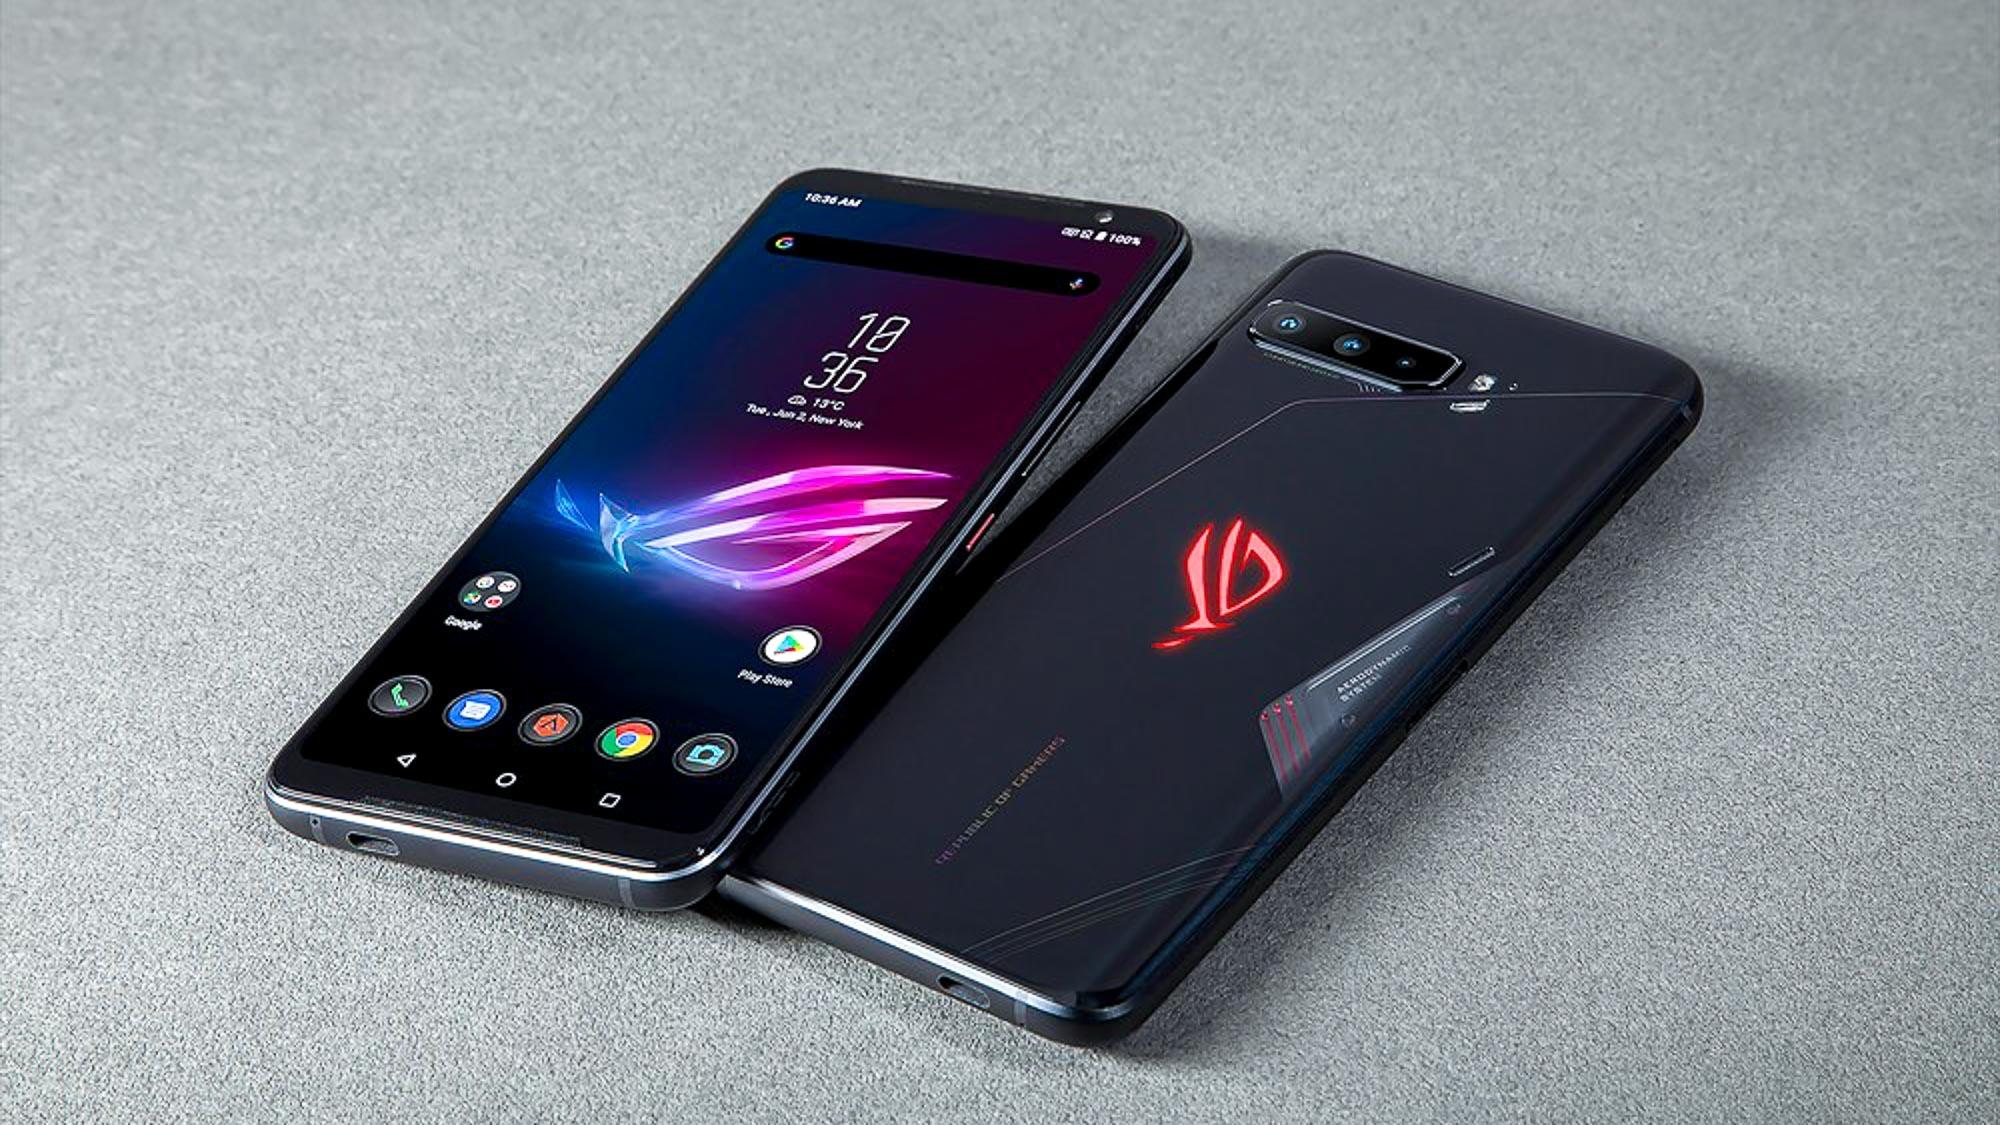 В новом смартфоне ASUS будет больше оперативной памяти, чем во многих ноутбуках